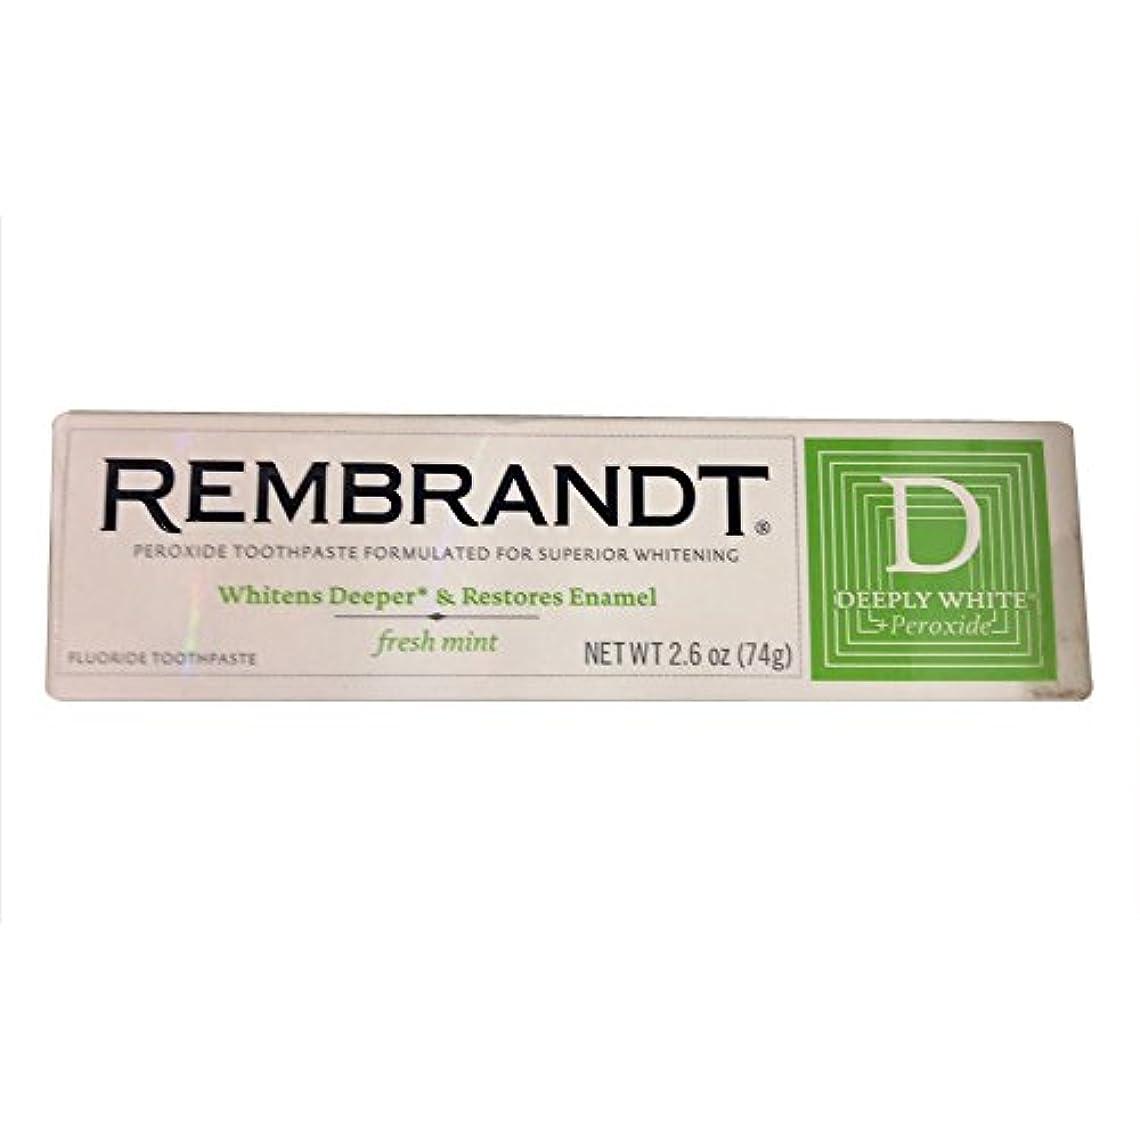 不名誉な競う義務付けられたRembrandt プラス深くホワイトプラス過酸化フッ化物の歯磨き粉フレッシュミント、2.6オズ、(12パック) 12のパック